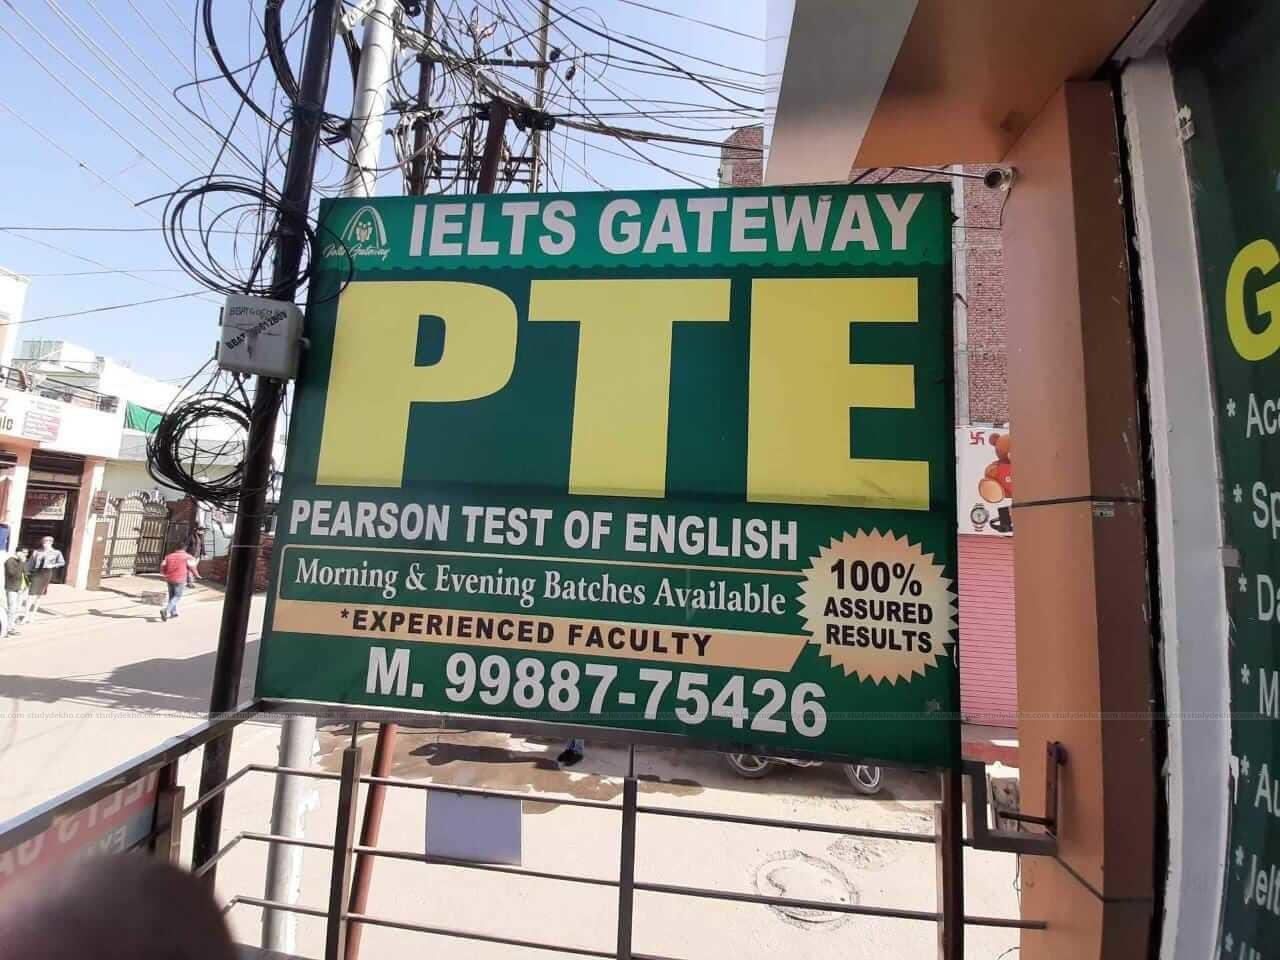 Ielts Gateway Gallery